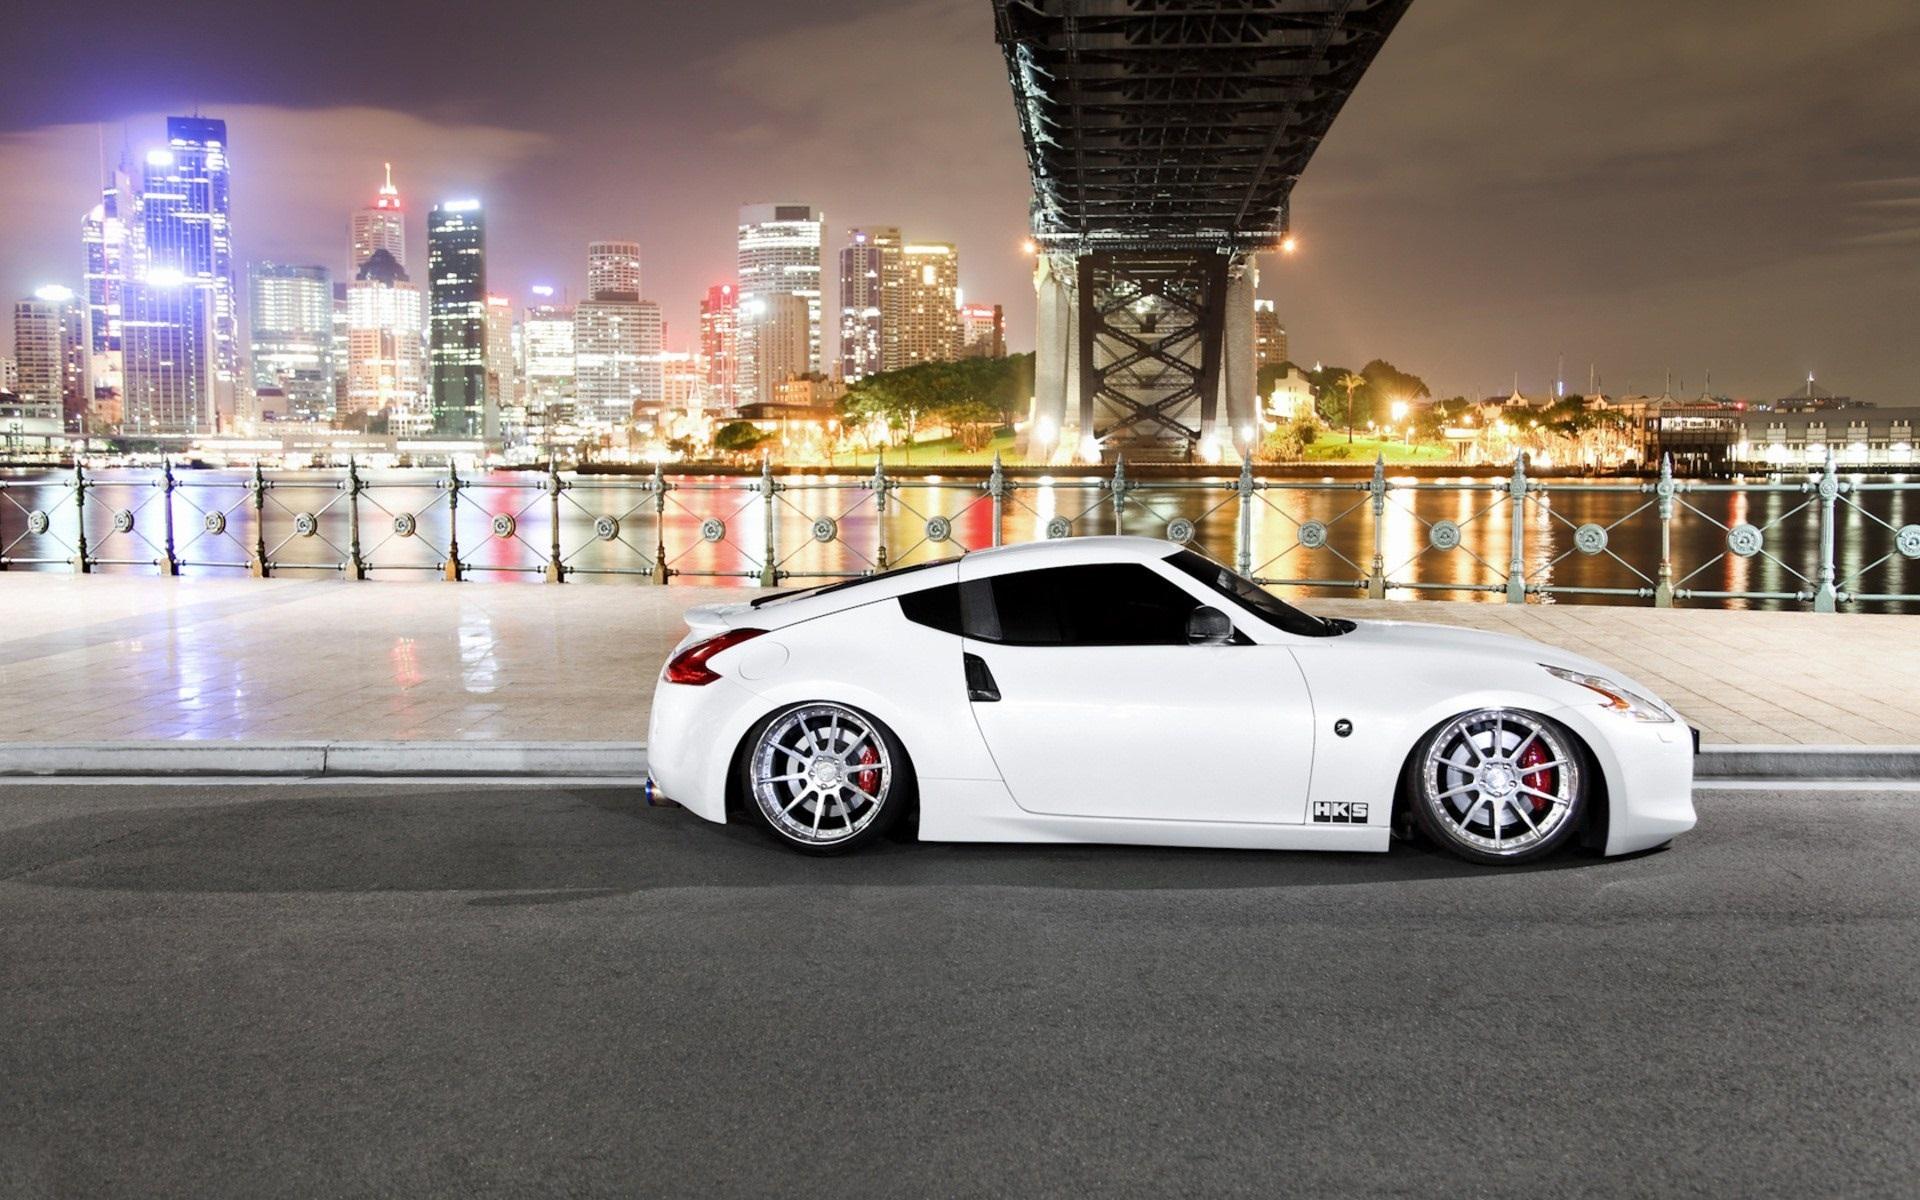 Wallpaper Nissan 370z White Car Night City 1920x1200 Hd